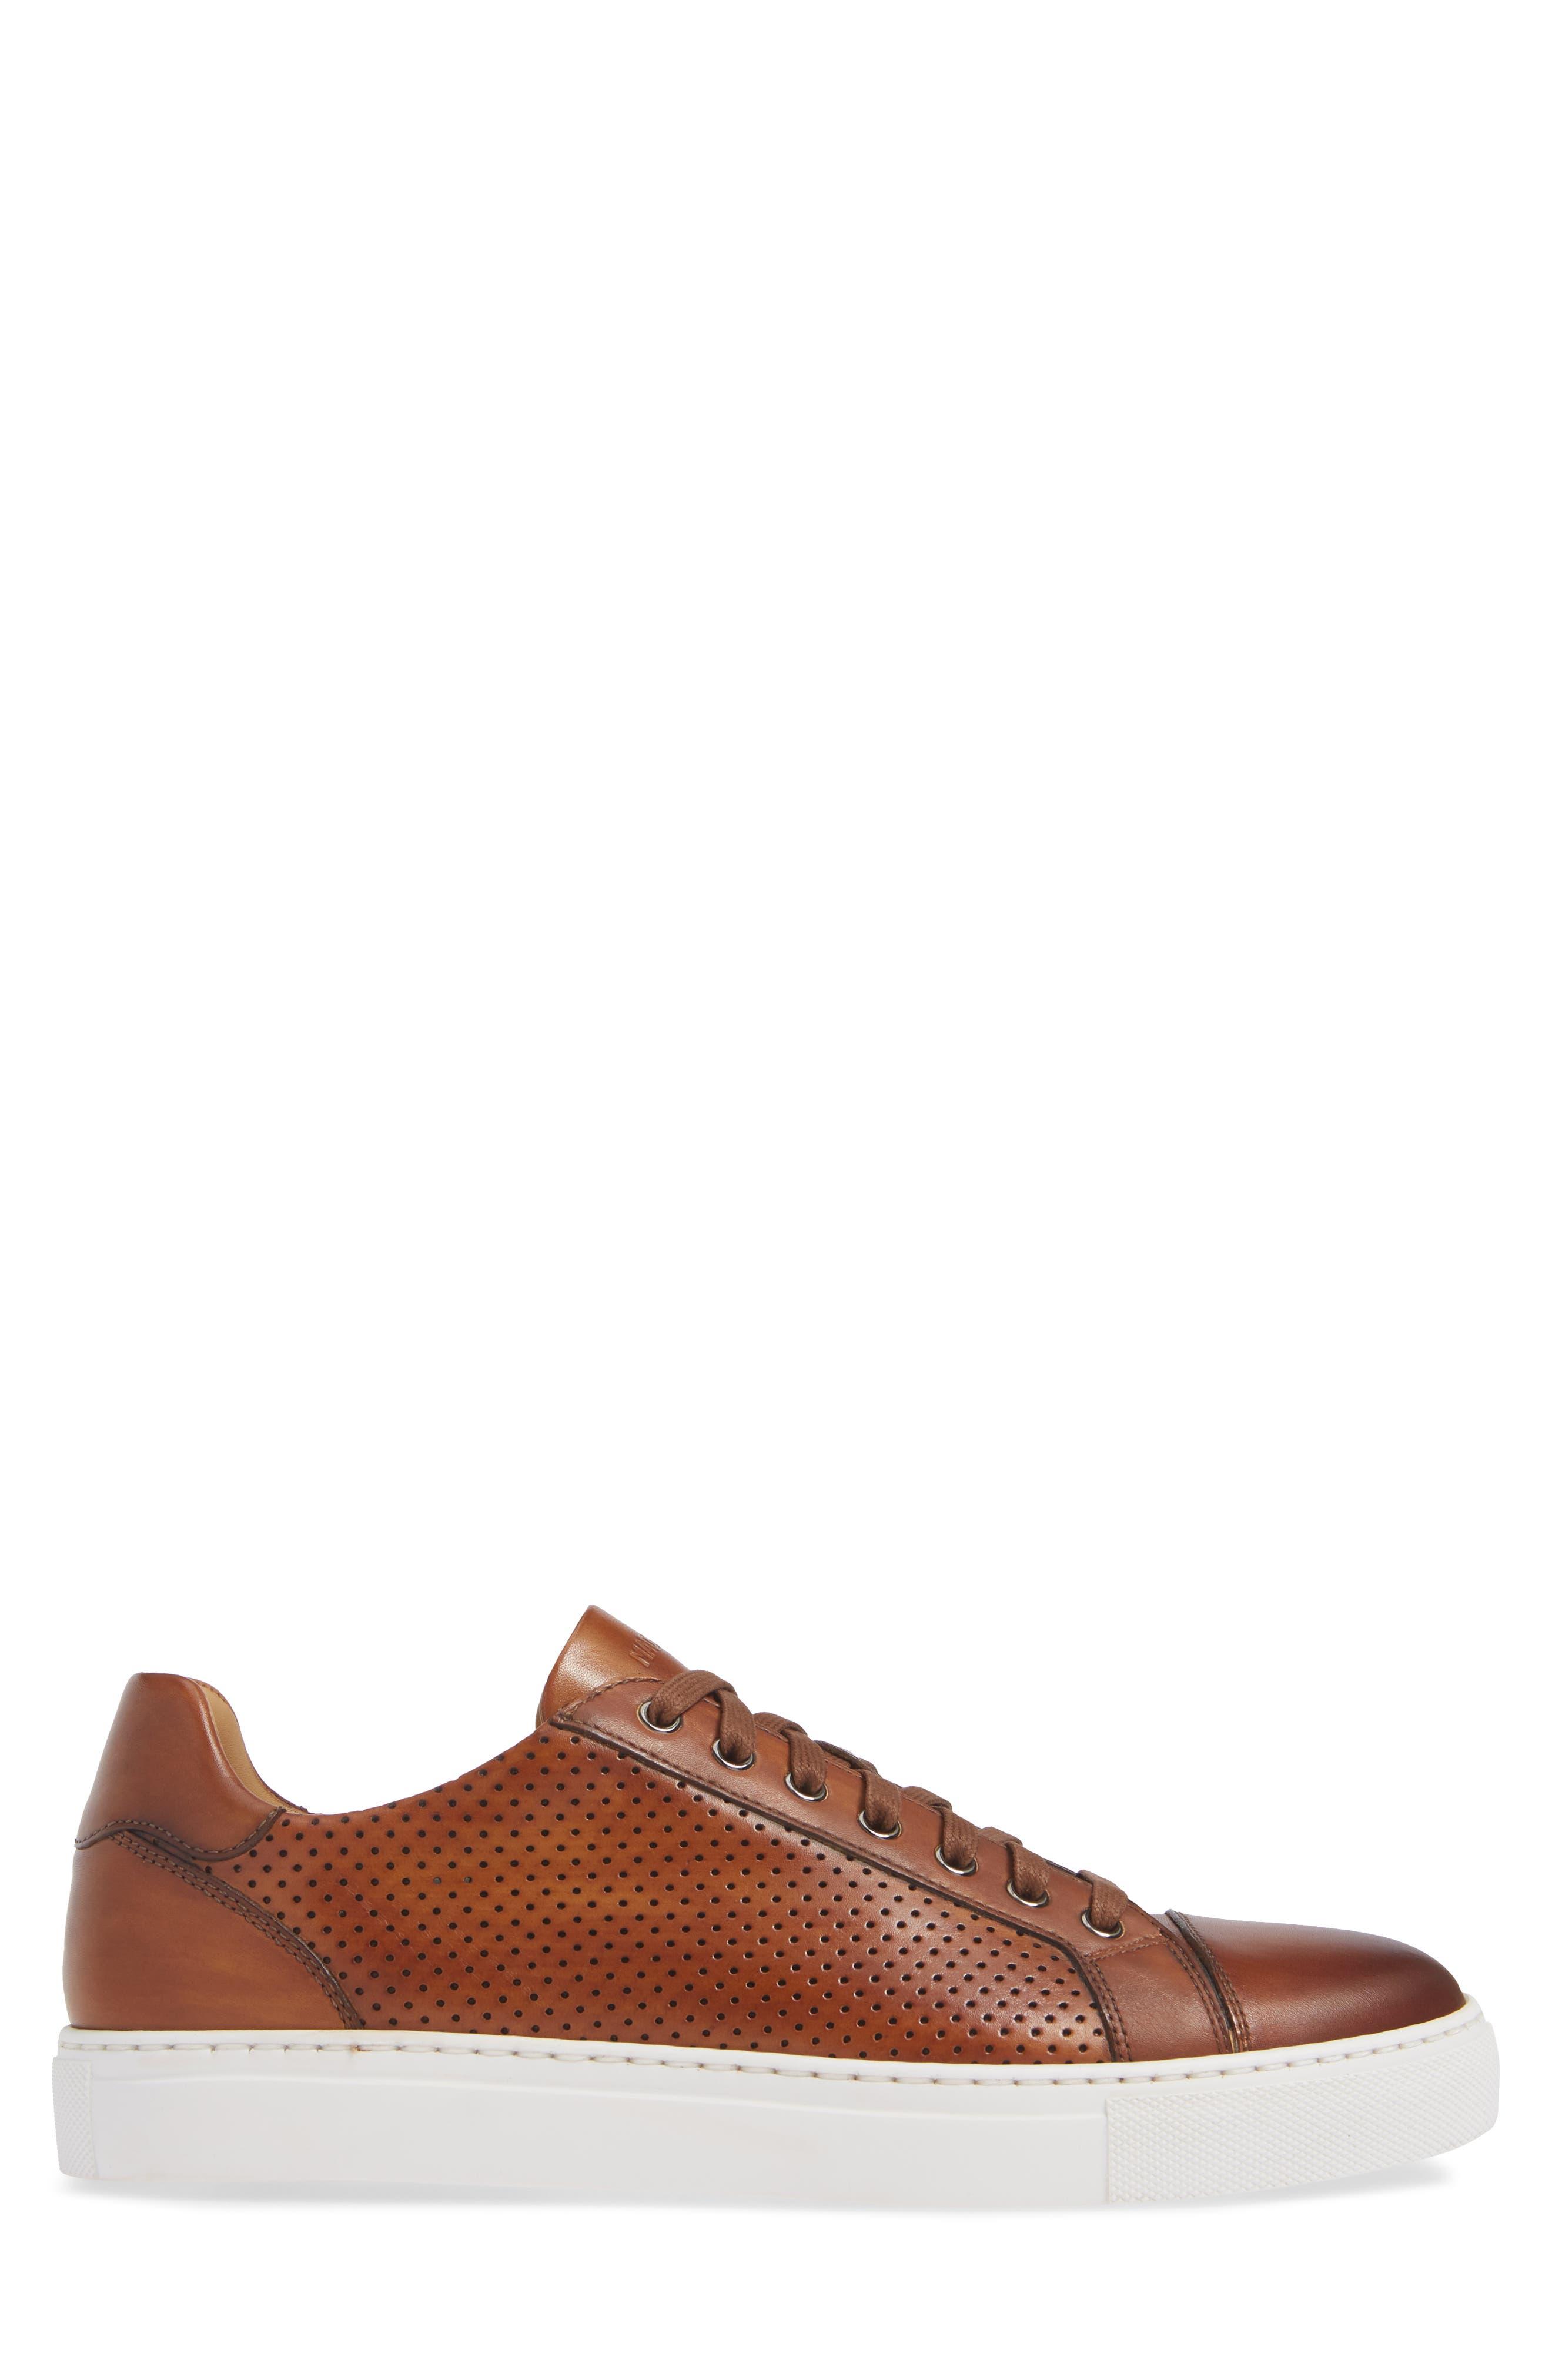 Jackson Sneaker,                             Alternate thumbnail 3, color,                             COGNAC LEATHER